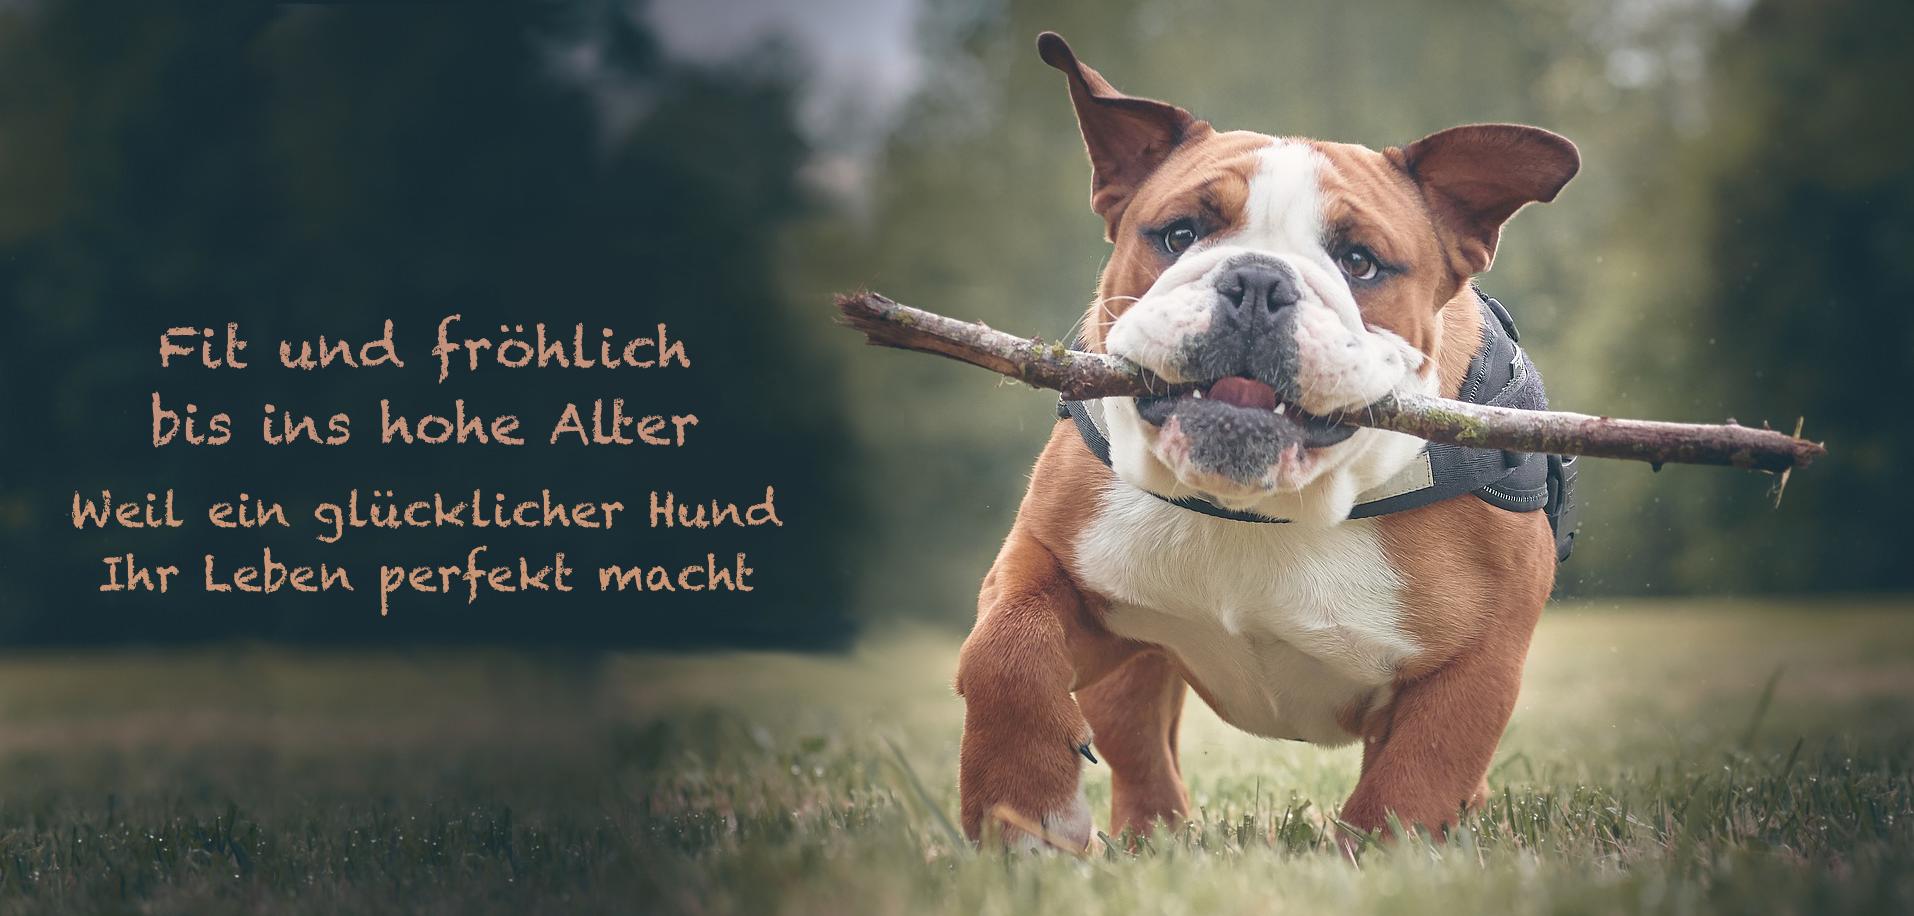 Gute Fette in der Hundeernährung Hundeernährungsberatung Wilsdruff Dresden Zauberhunde